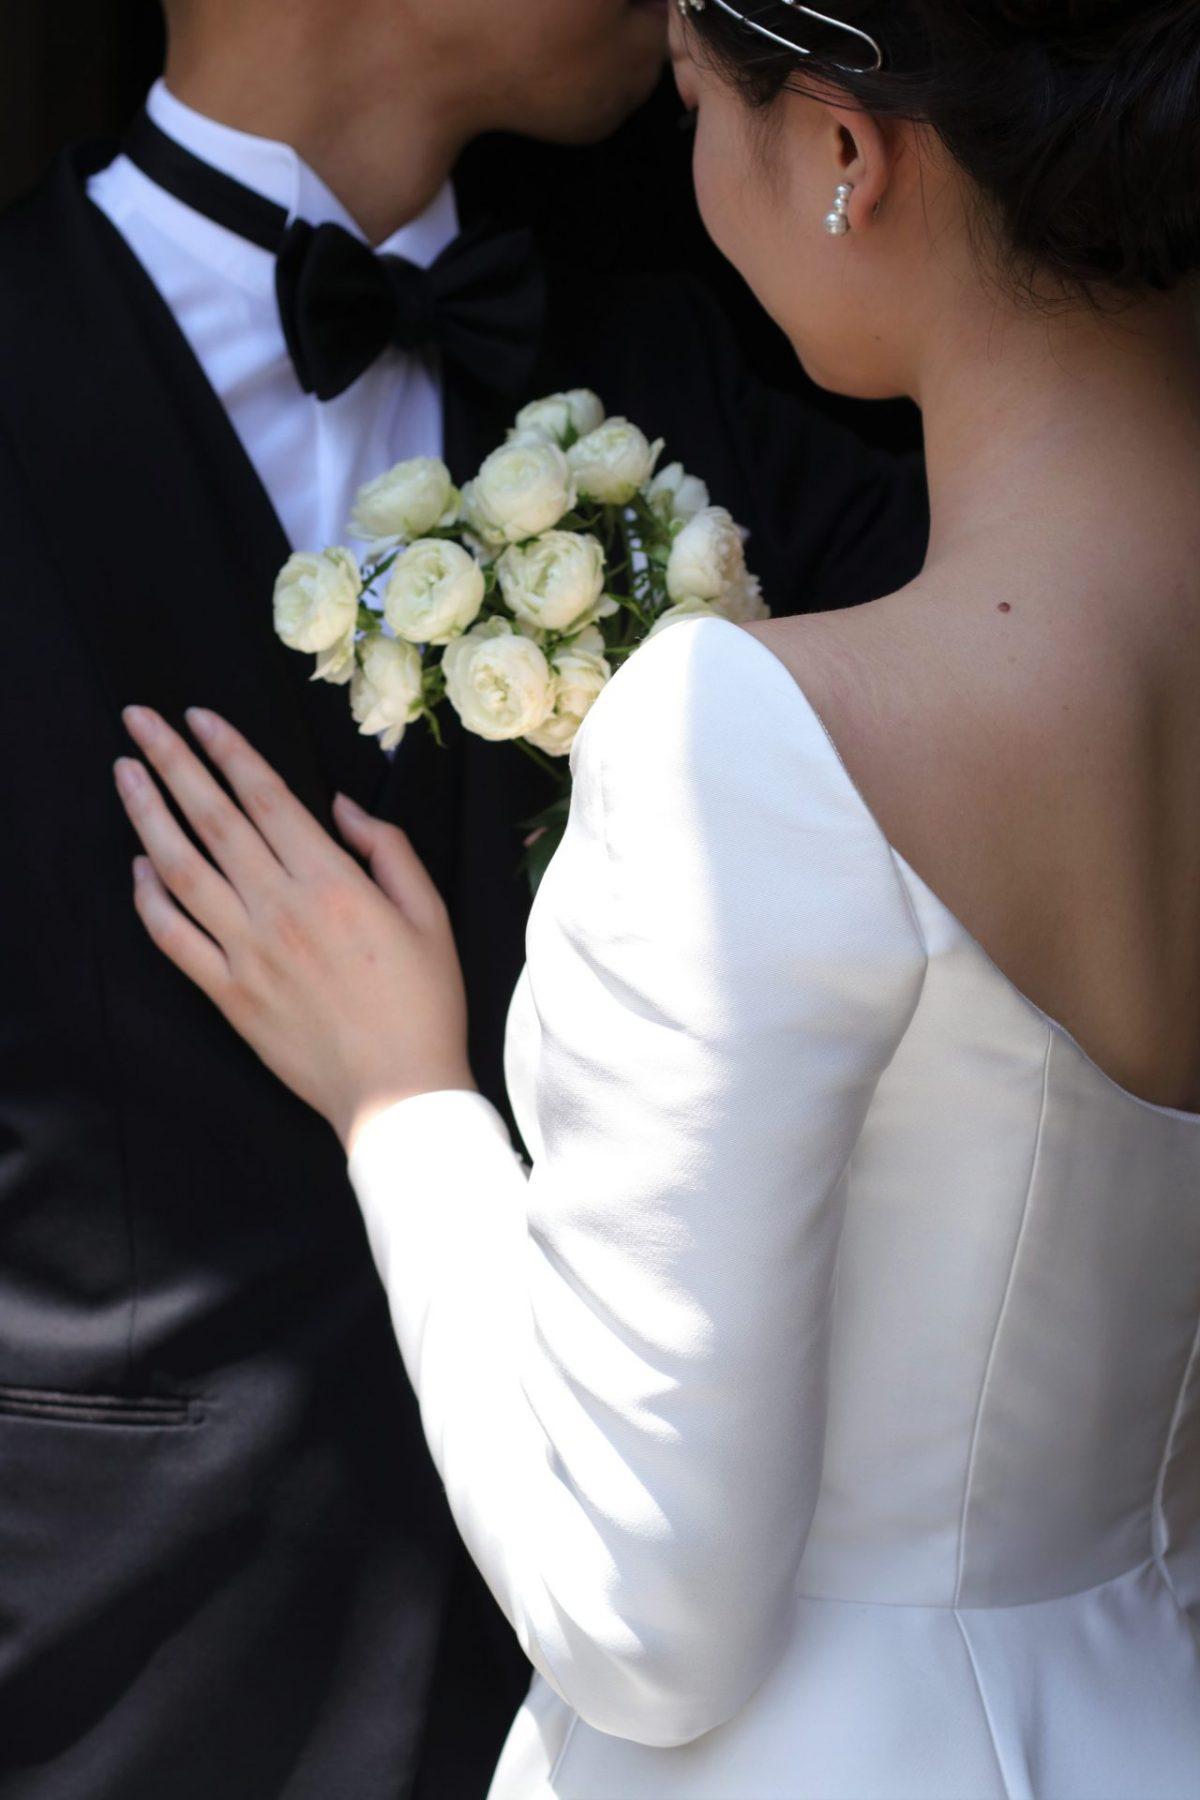 トレンドのバックコンシャスな背中が空くデザインは女性らしい華奢さを演出し、上半身をすっきりと見せる効果があり、赤坂プリンスクラシックハウスでお式を挙げられるお洒落な花嫁様に人気なウェディングドレスです